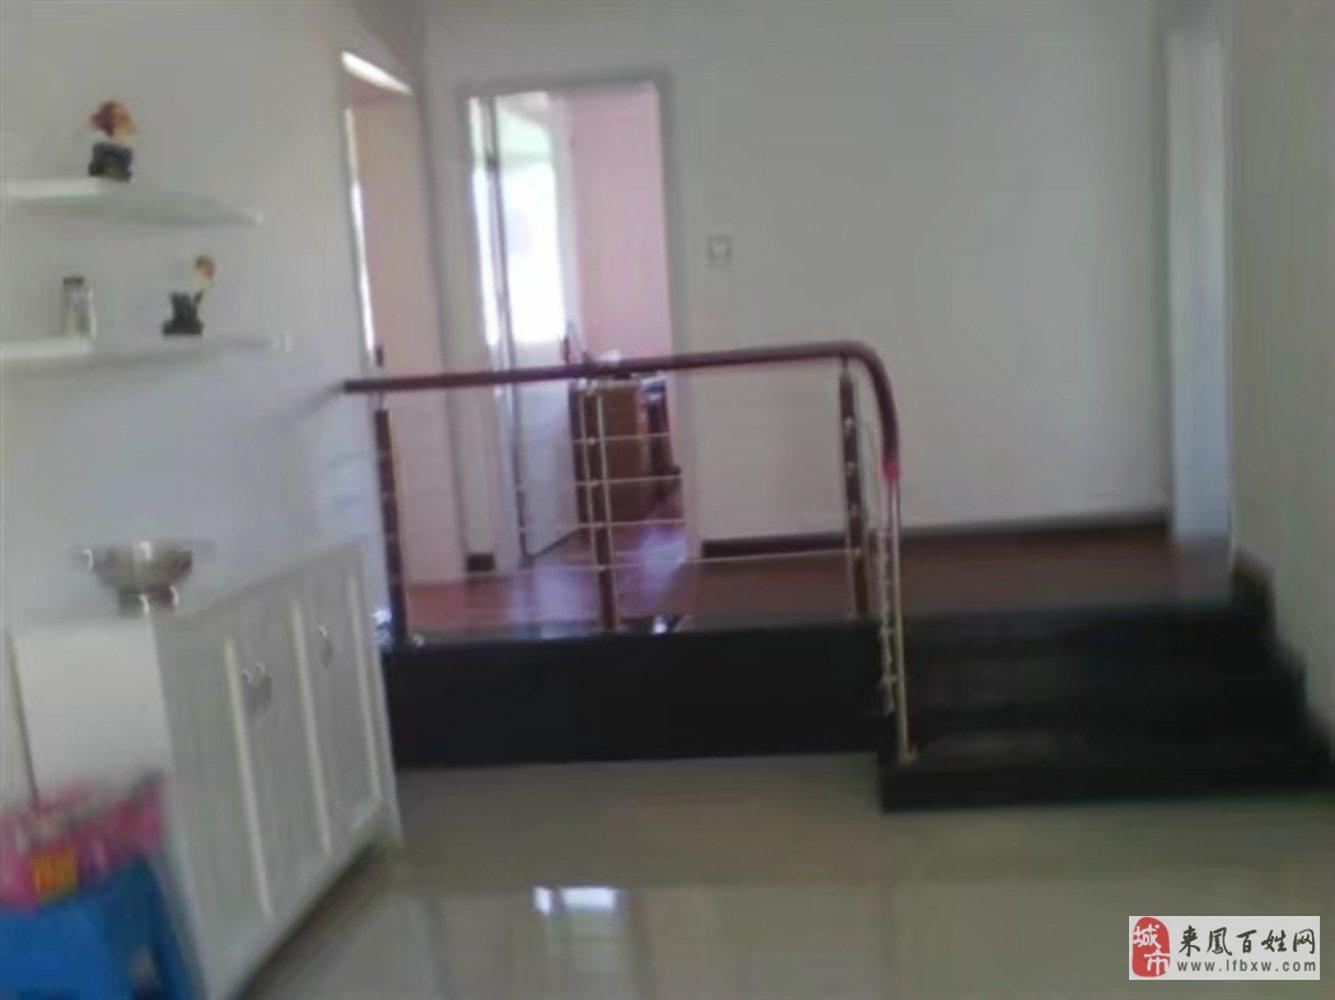 金盆山公寓4室2厅2卫60万元